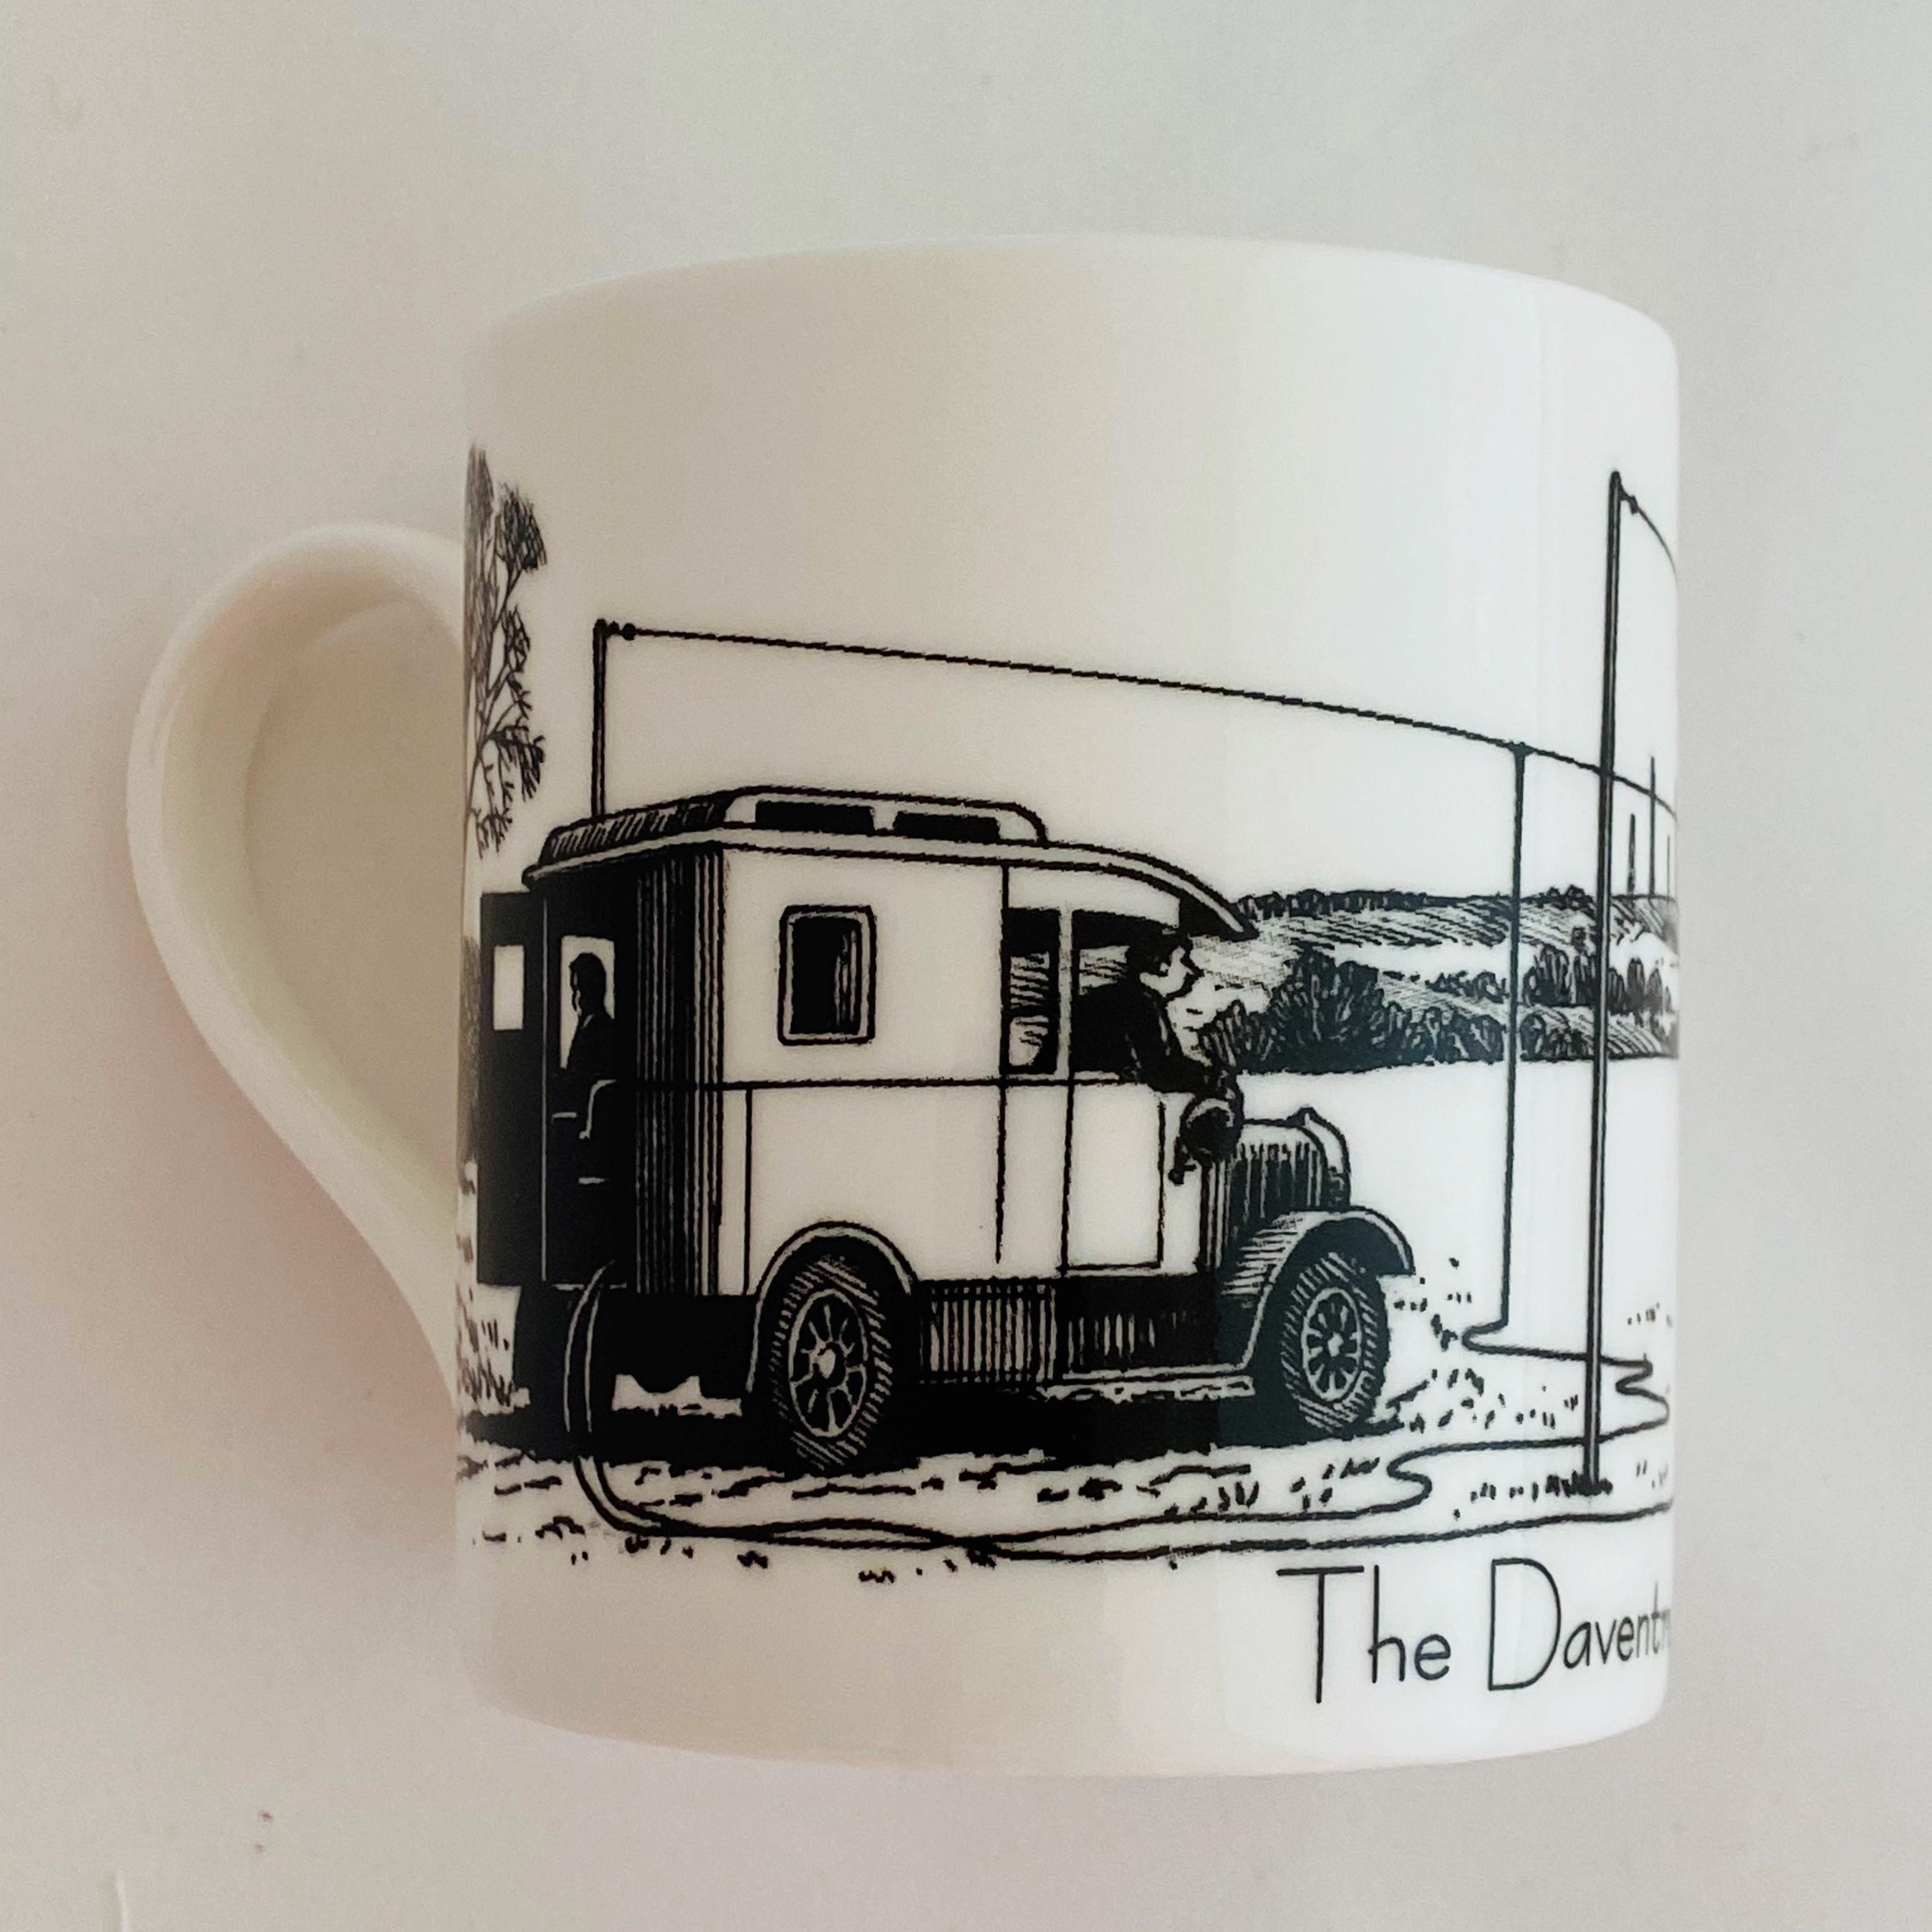 The Daventry Experiment Mug